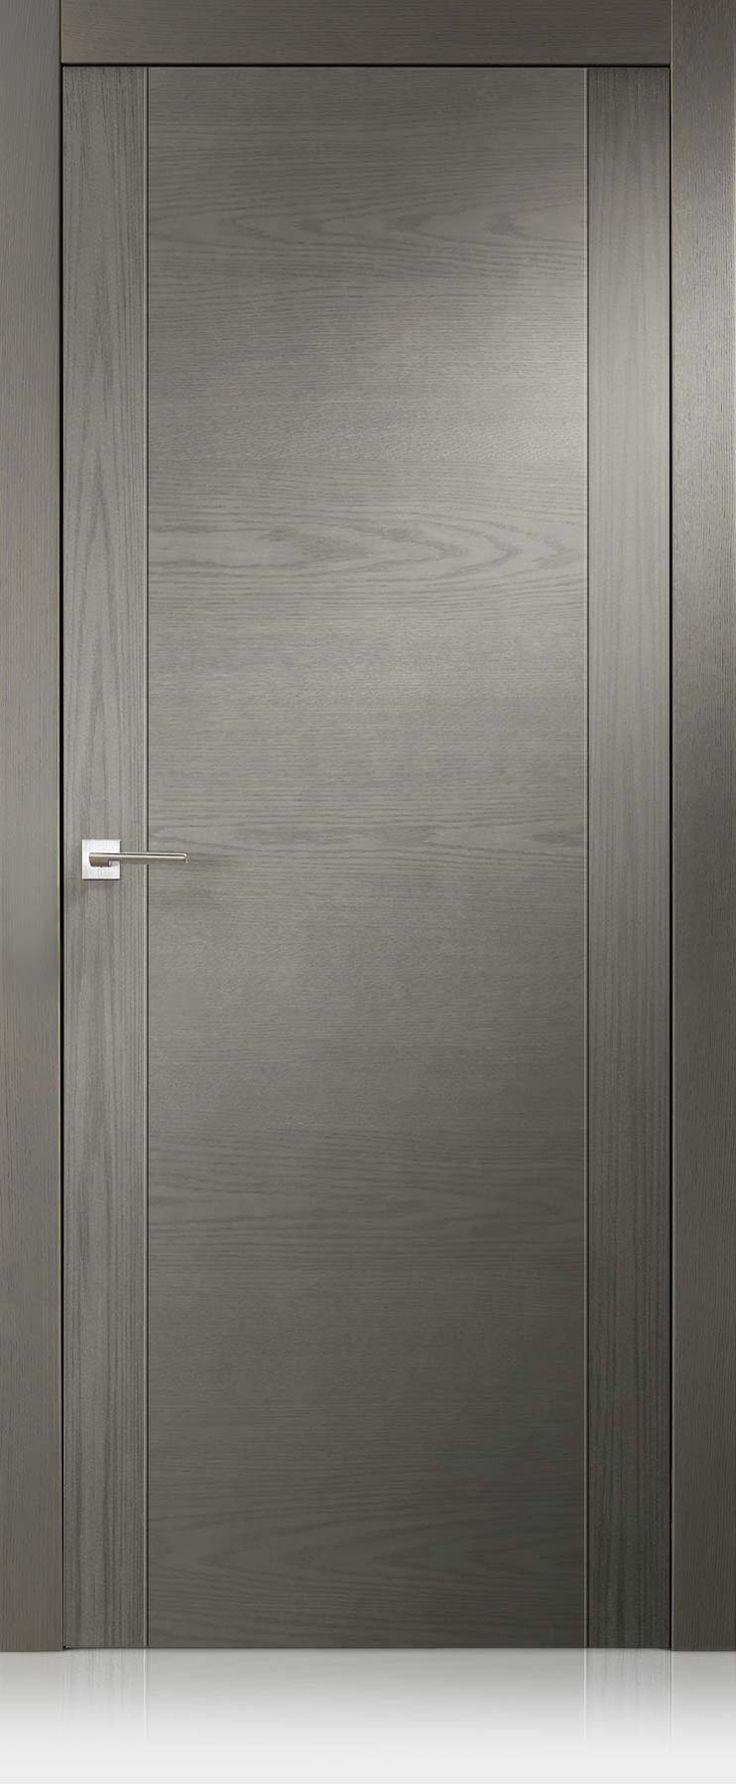 Ferrero Legno Porte / Collezioni FL / Intaglio / 1 / Ecorovere grigio